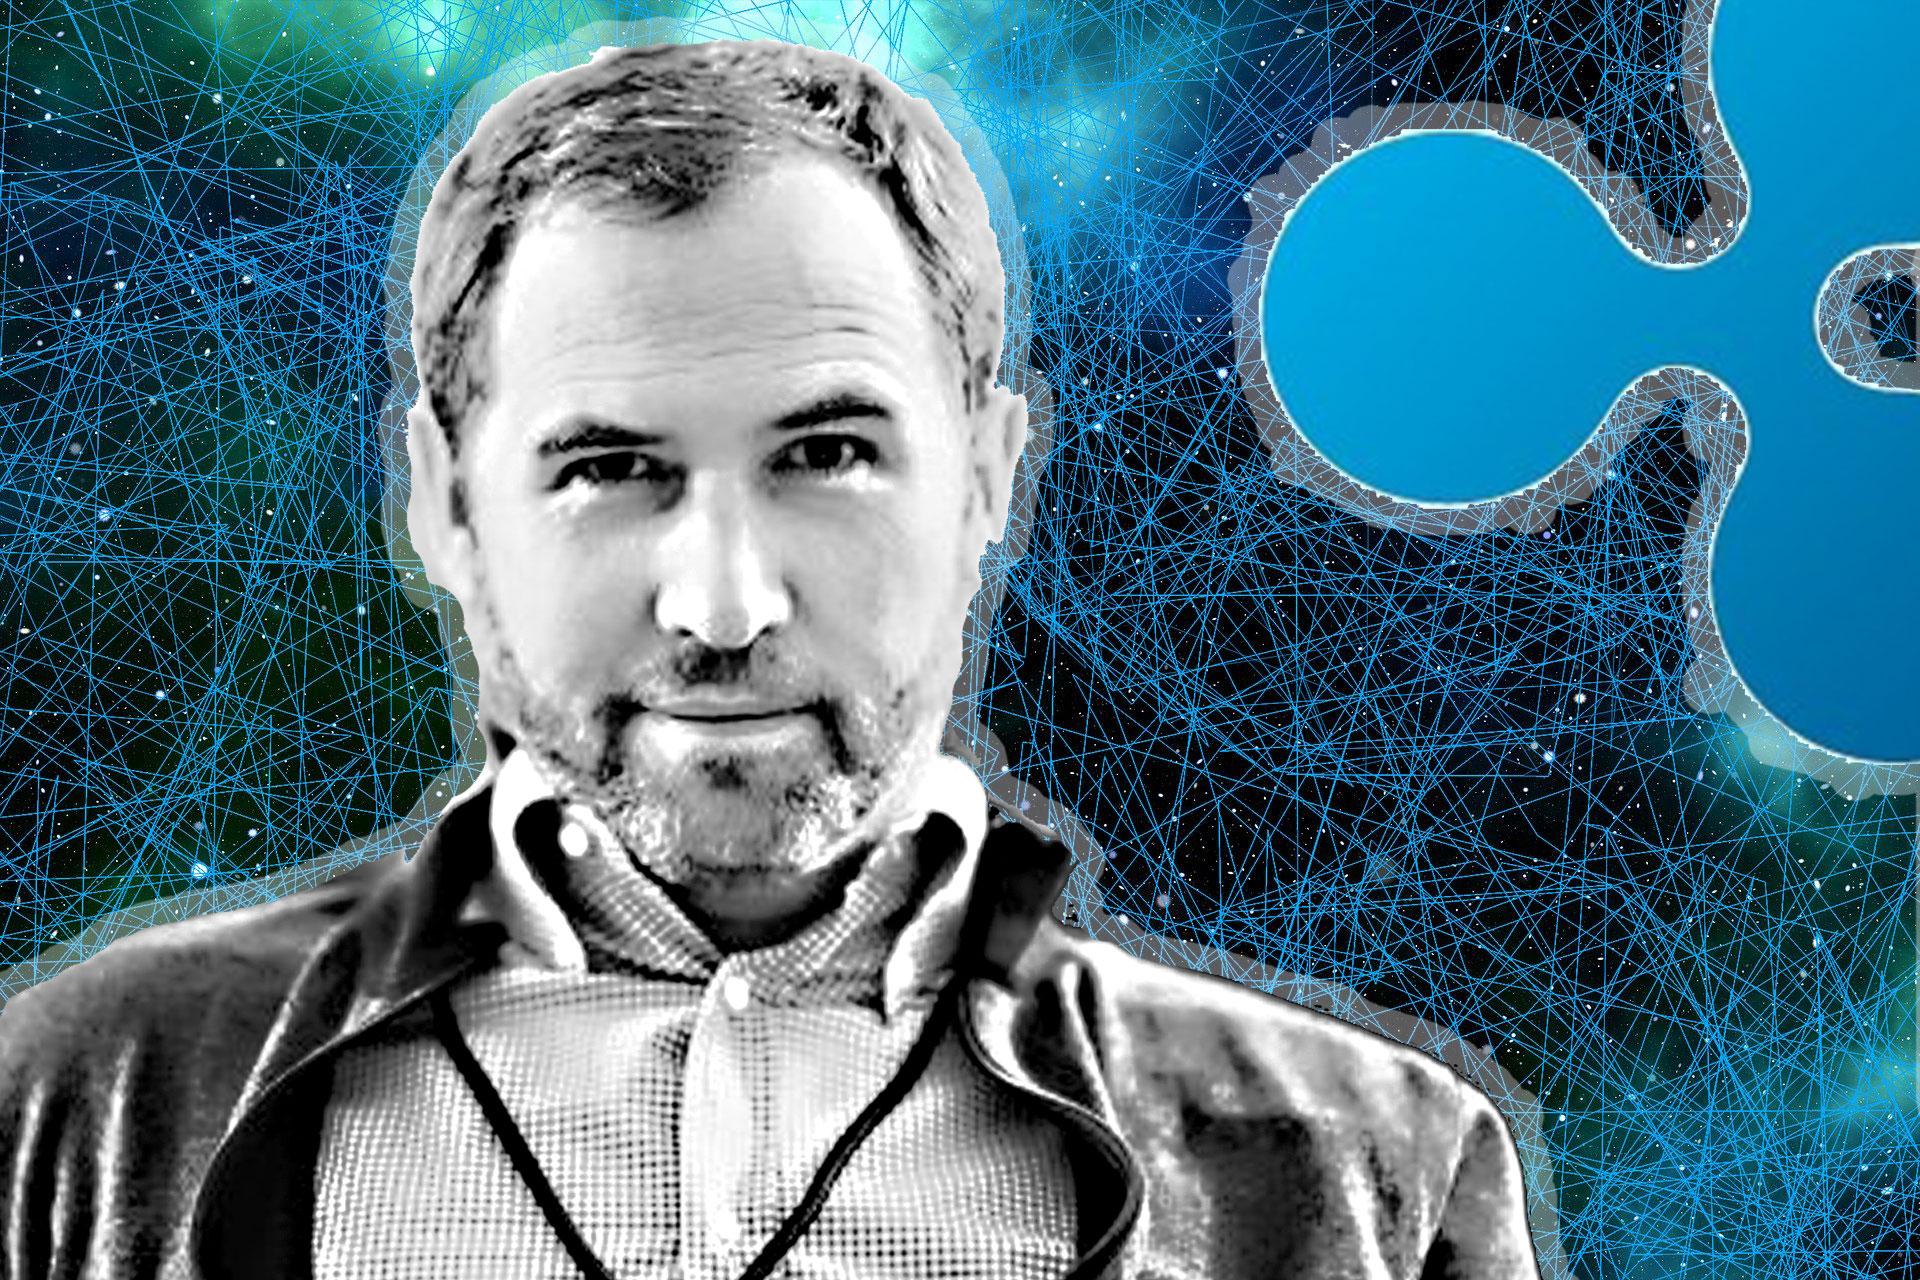 Ripple CEO、「2020年がフィンテックと暗号の統合の年になる」